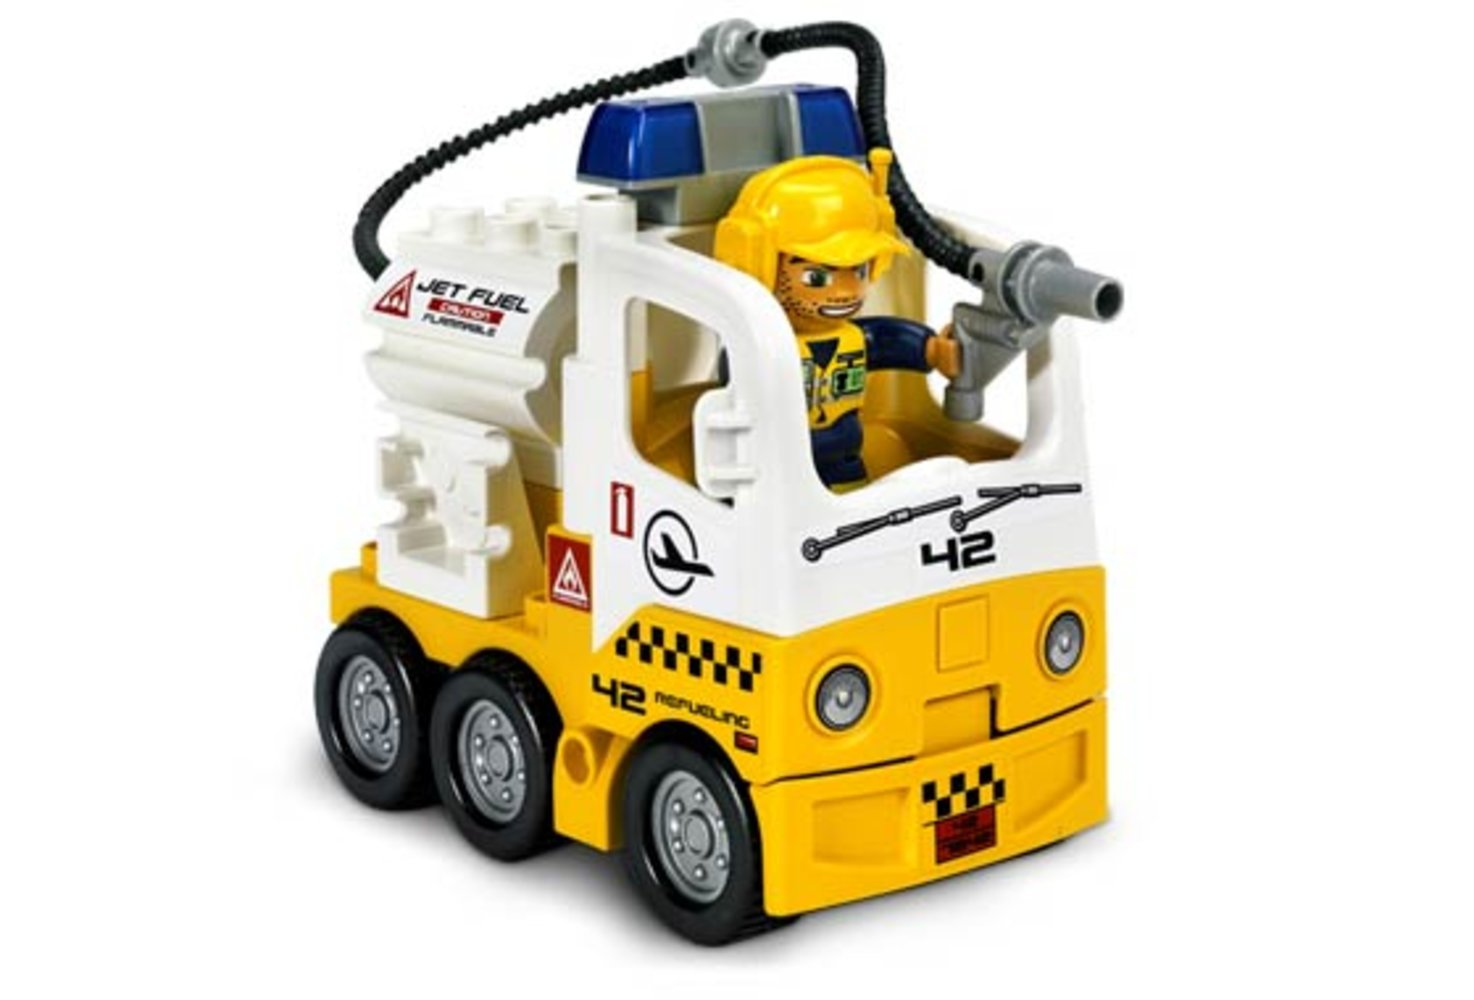 Jet Fuel Truck